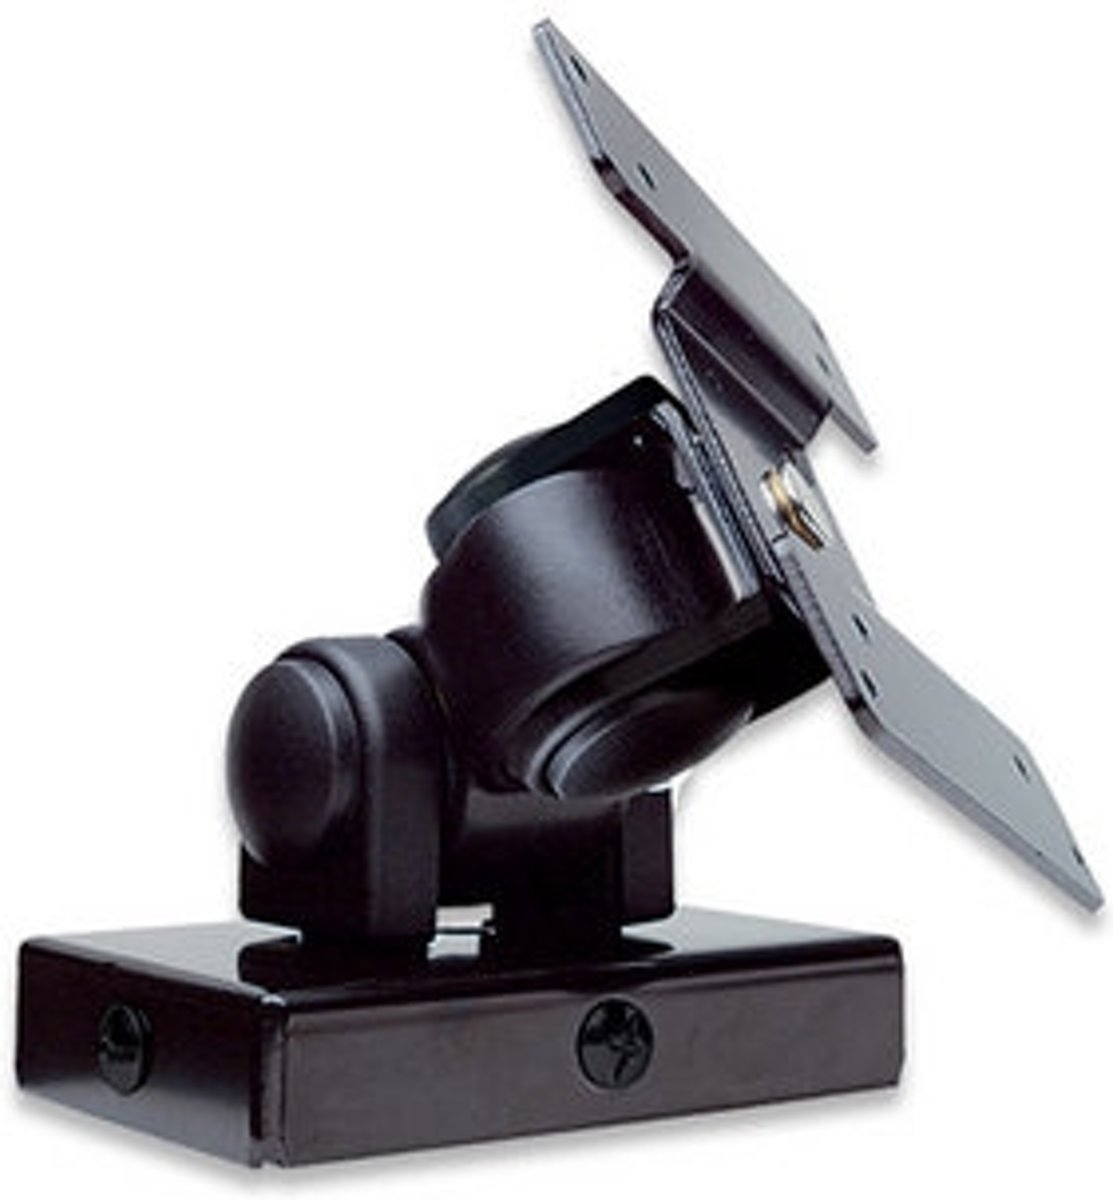 IC Intracom - Vaste muurbeugel - Geschikt voor tv's tot 22 inch - Zwart kopen